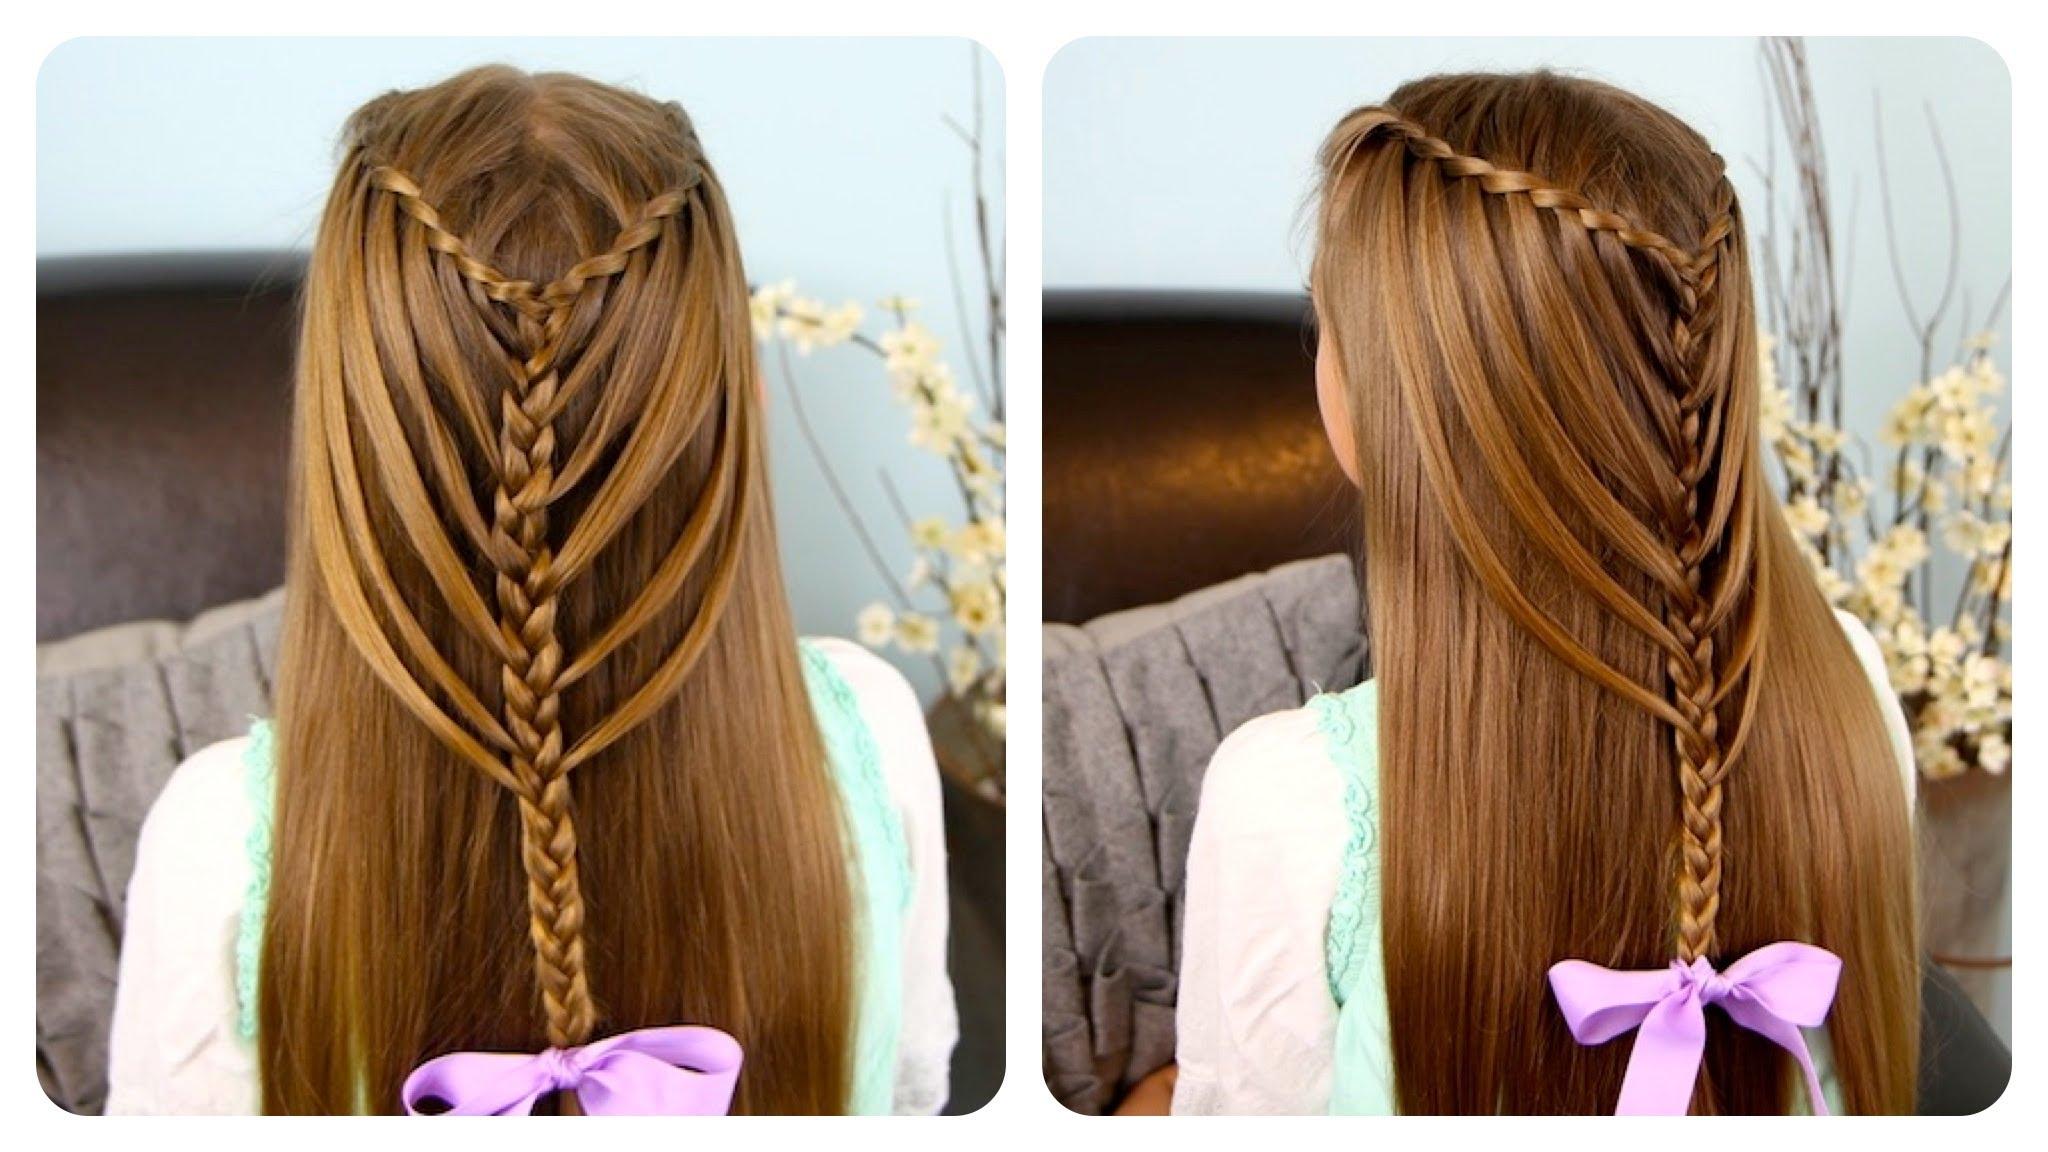 Mermaid Hairstyles mermaid hair styles 5 Mermaid Hair Styles 3